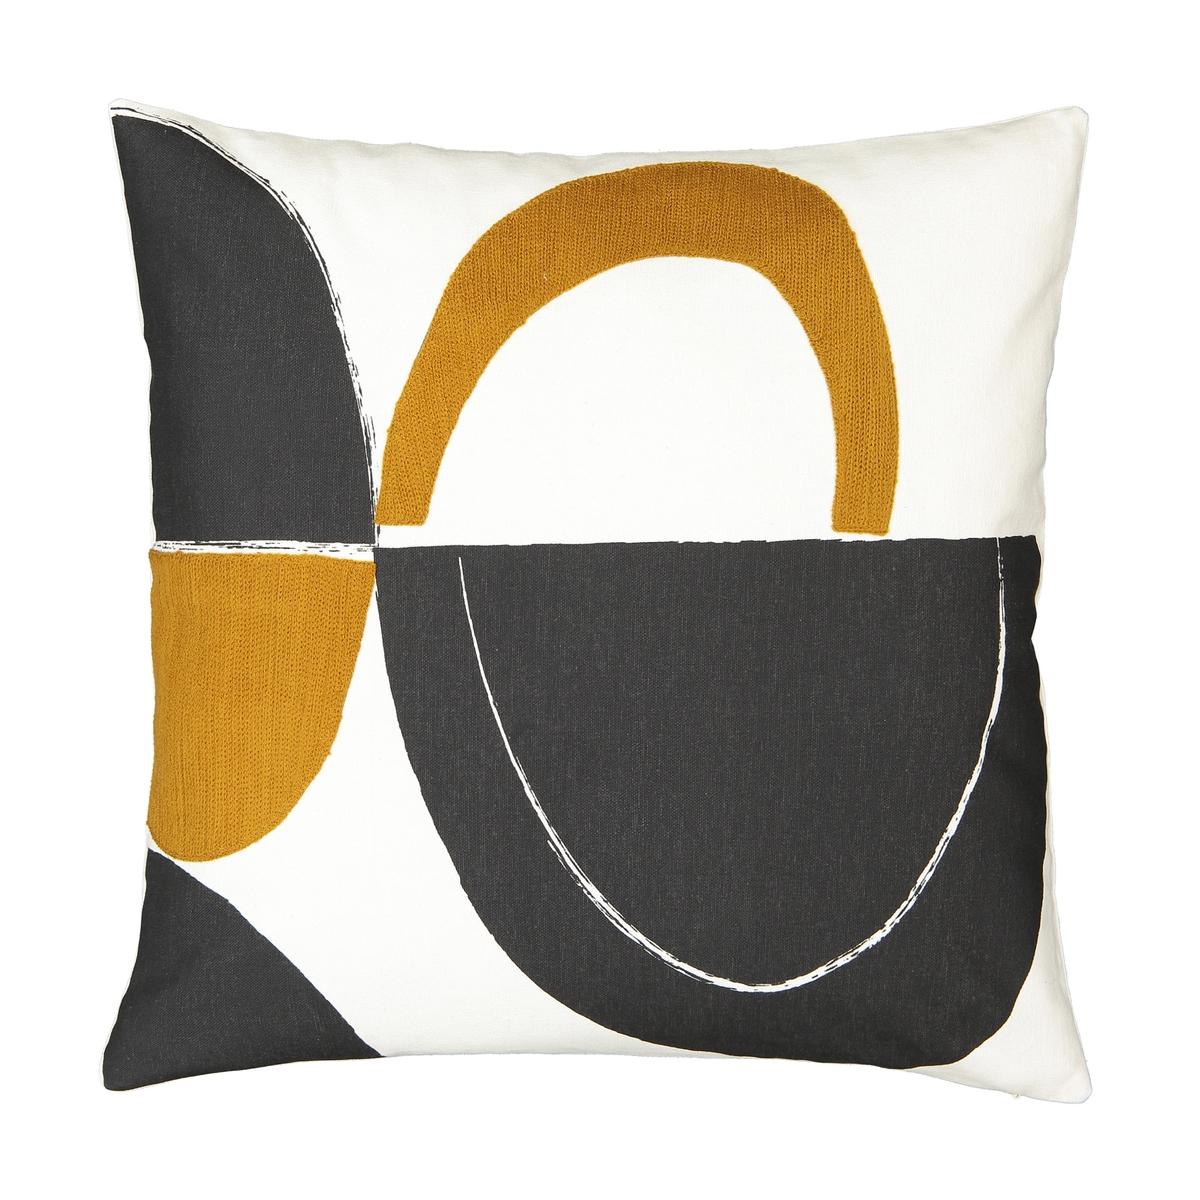 Чехол La Redoute Для подушки Comoe 50 x 50 см разноцветный льняной la redoute чехол для подушки georgette 50 x 30 см желтый